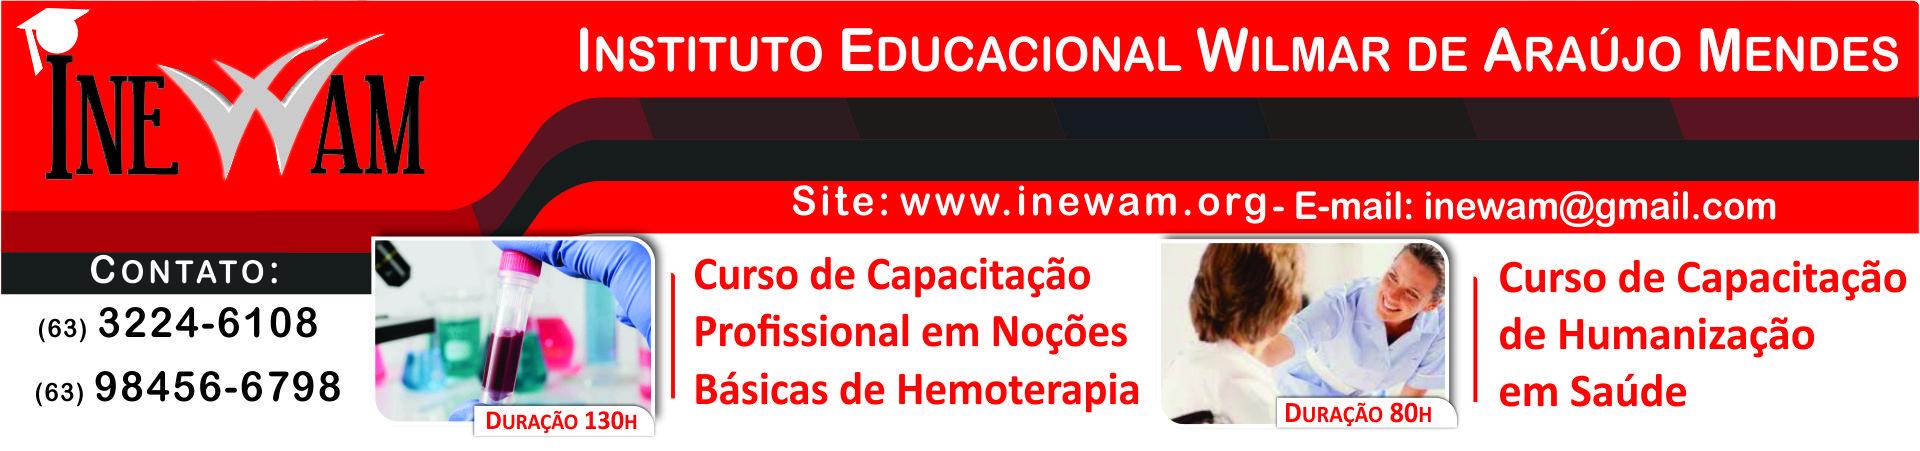 inewam8